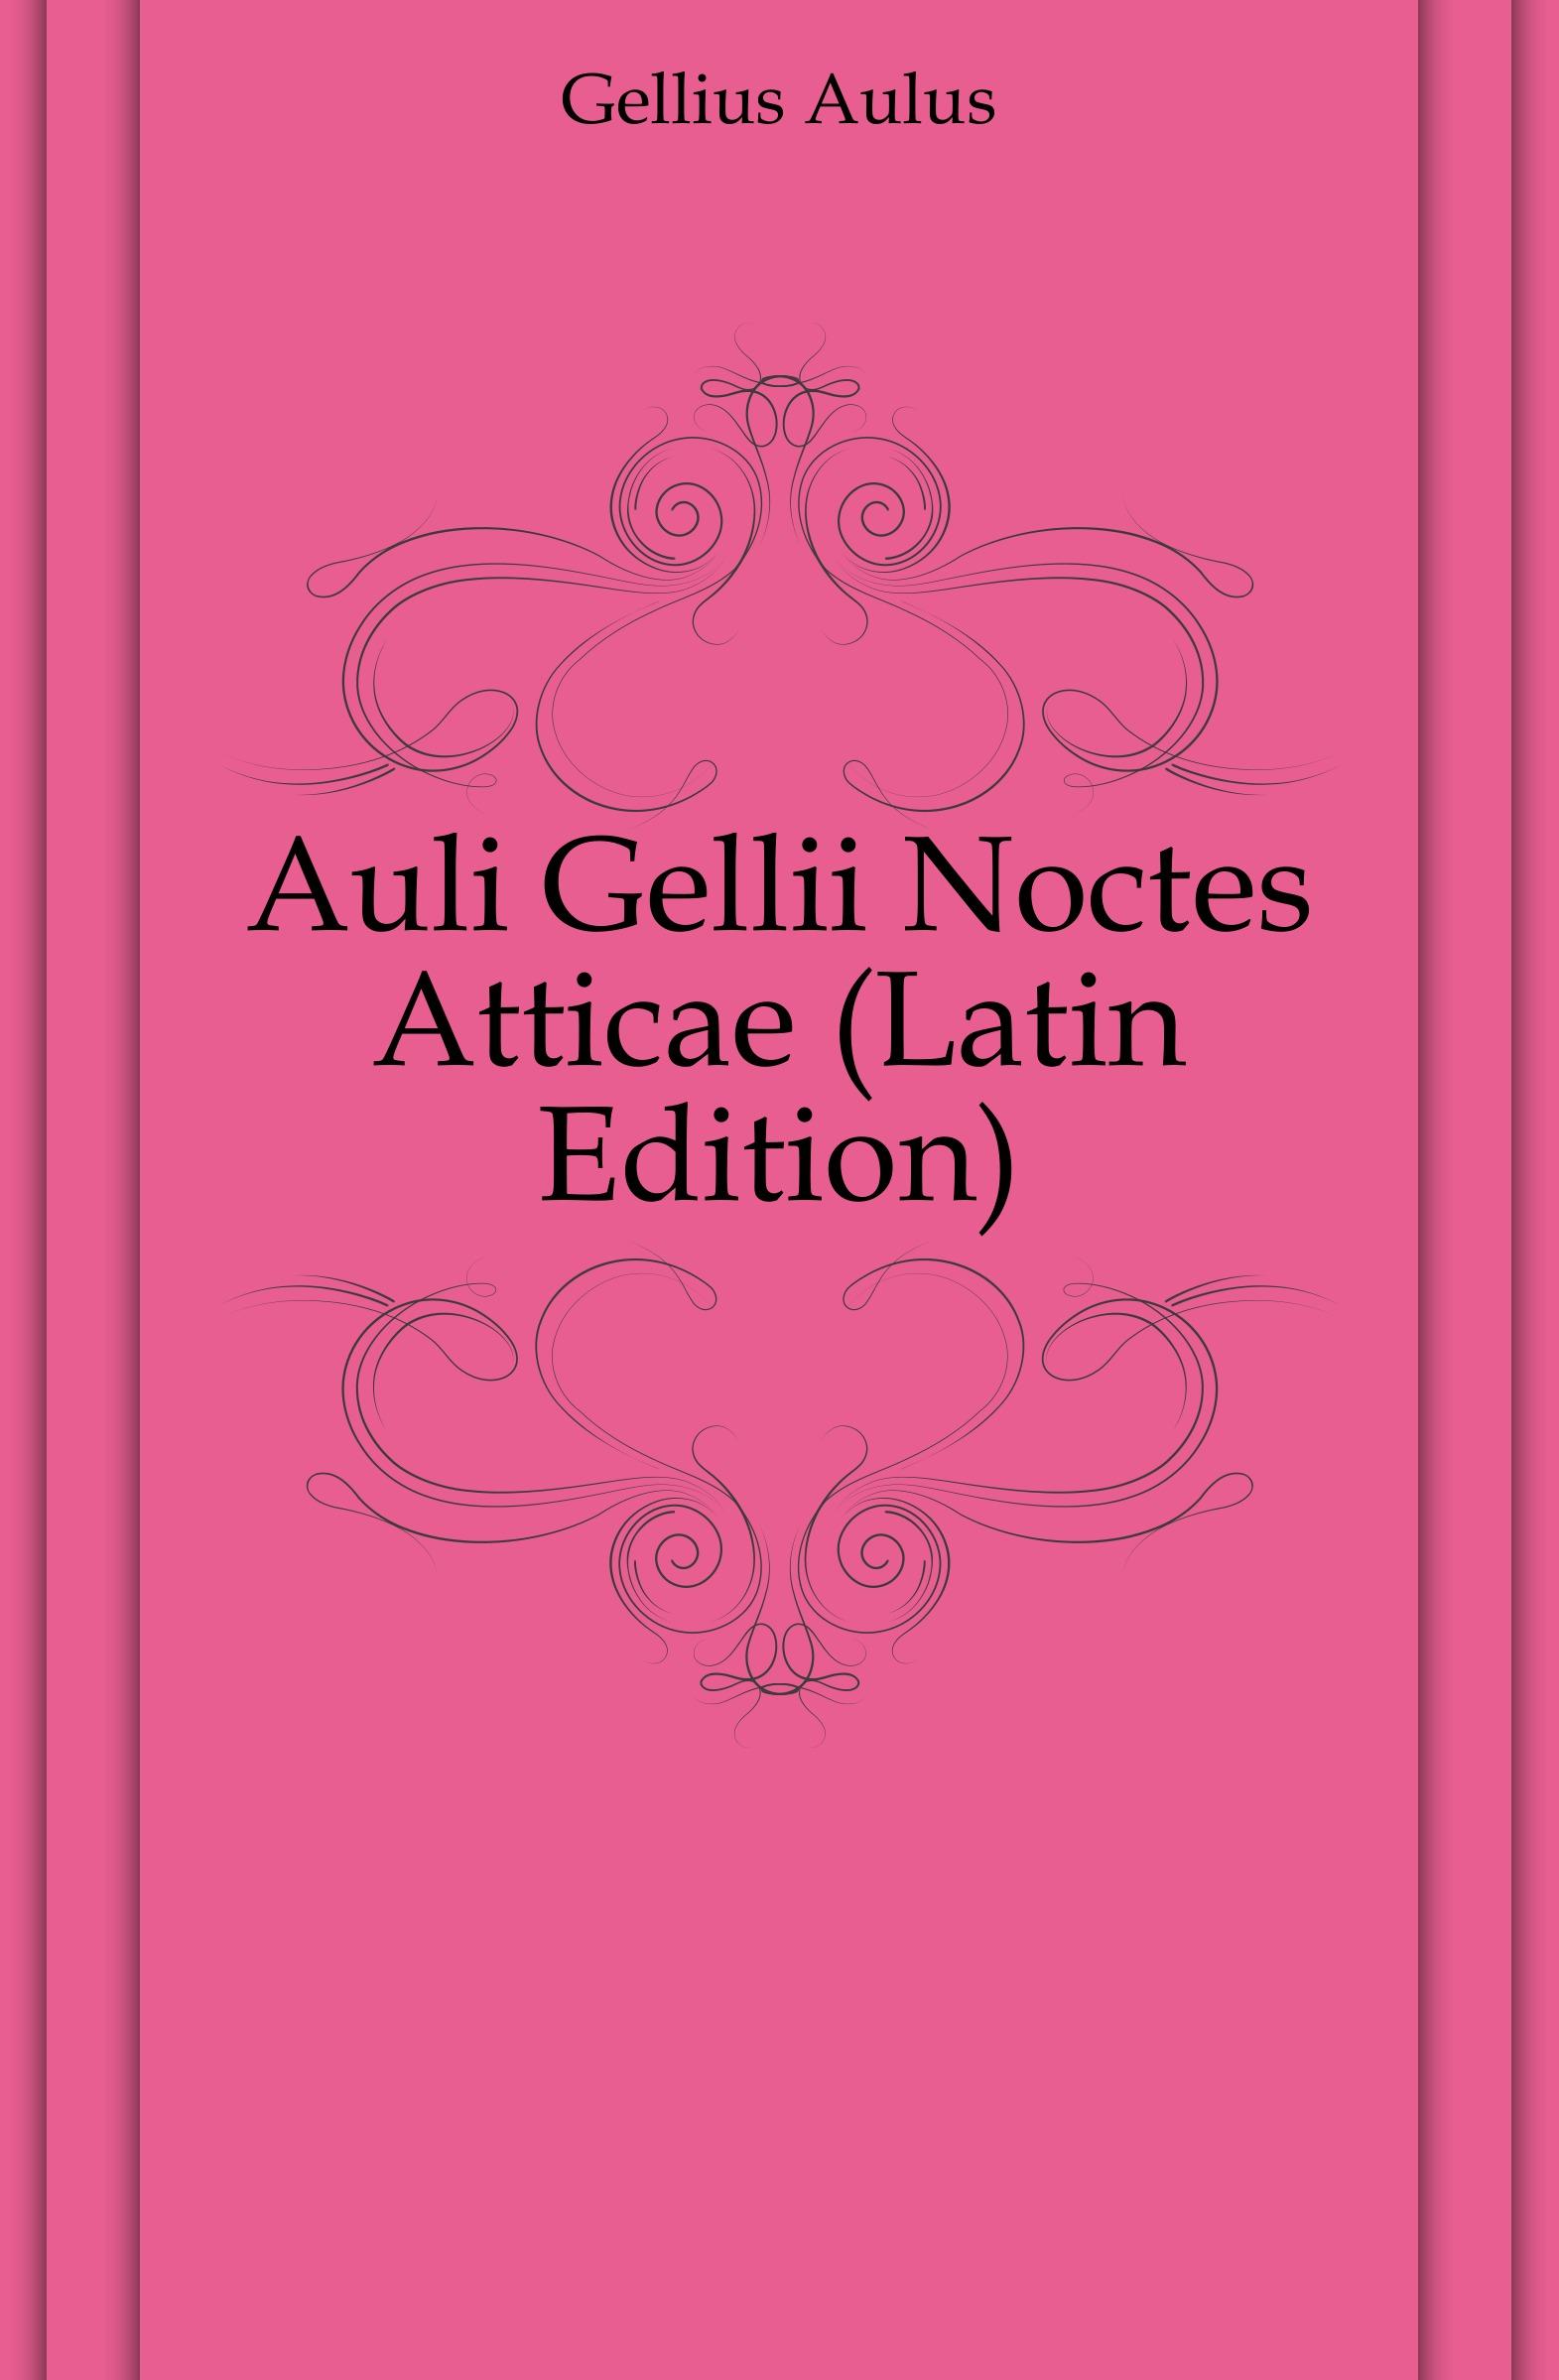 Gellius Aulus Auli Gellii Noctes Atticae (Latin Edition) curtius ernst inscriptiones atticae nuper repertae duodecim latin edition